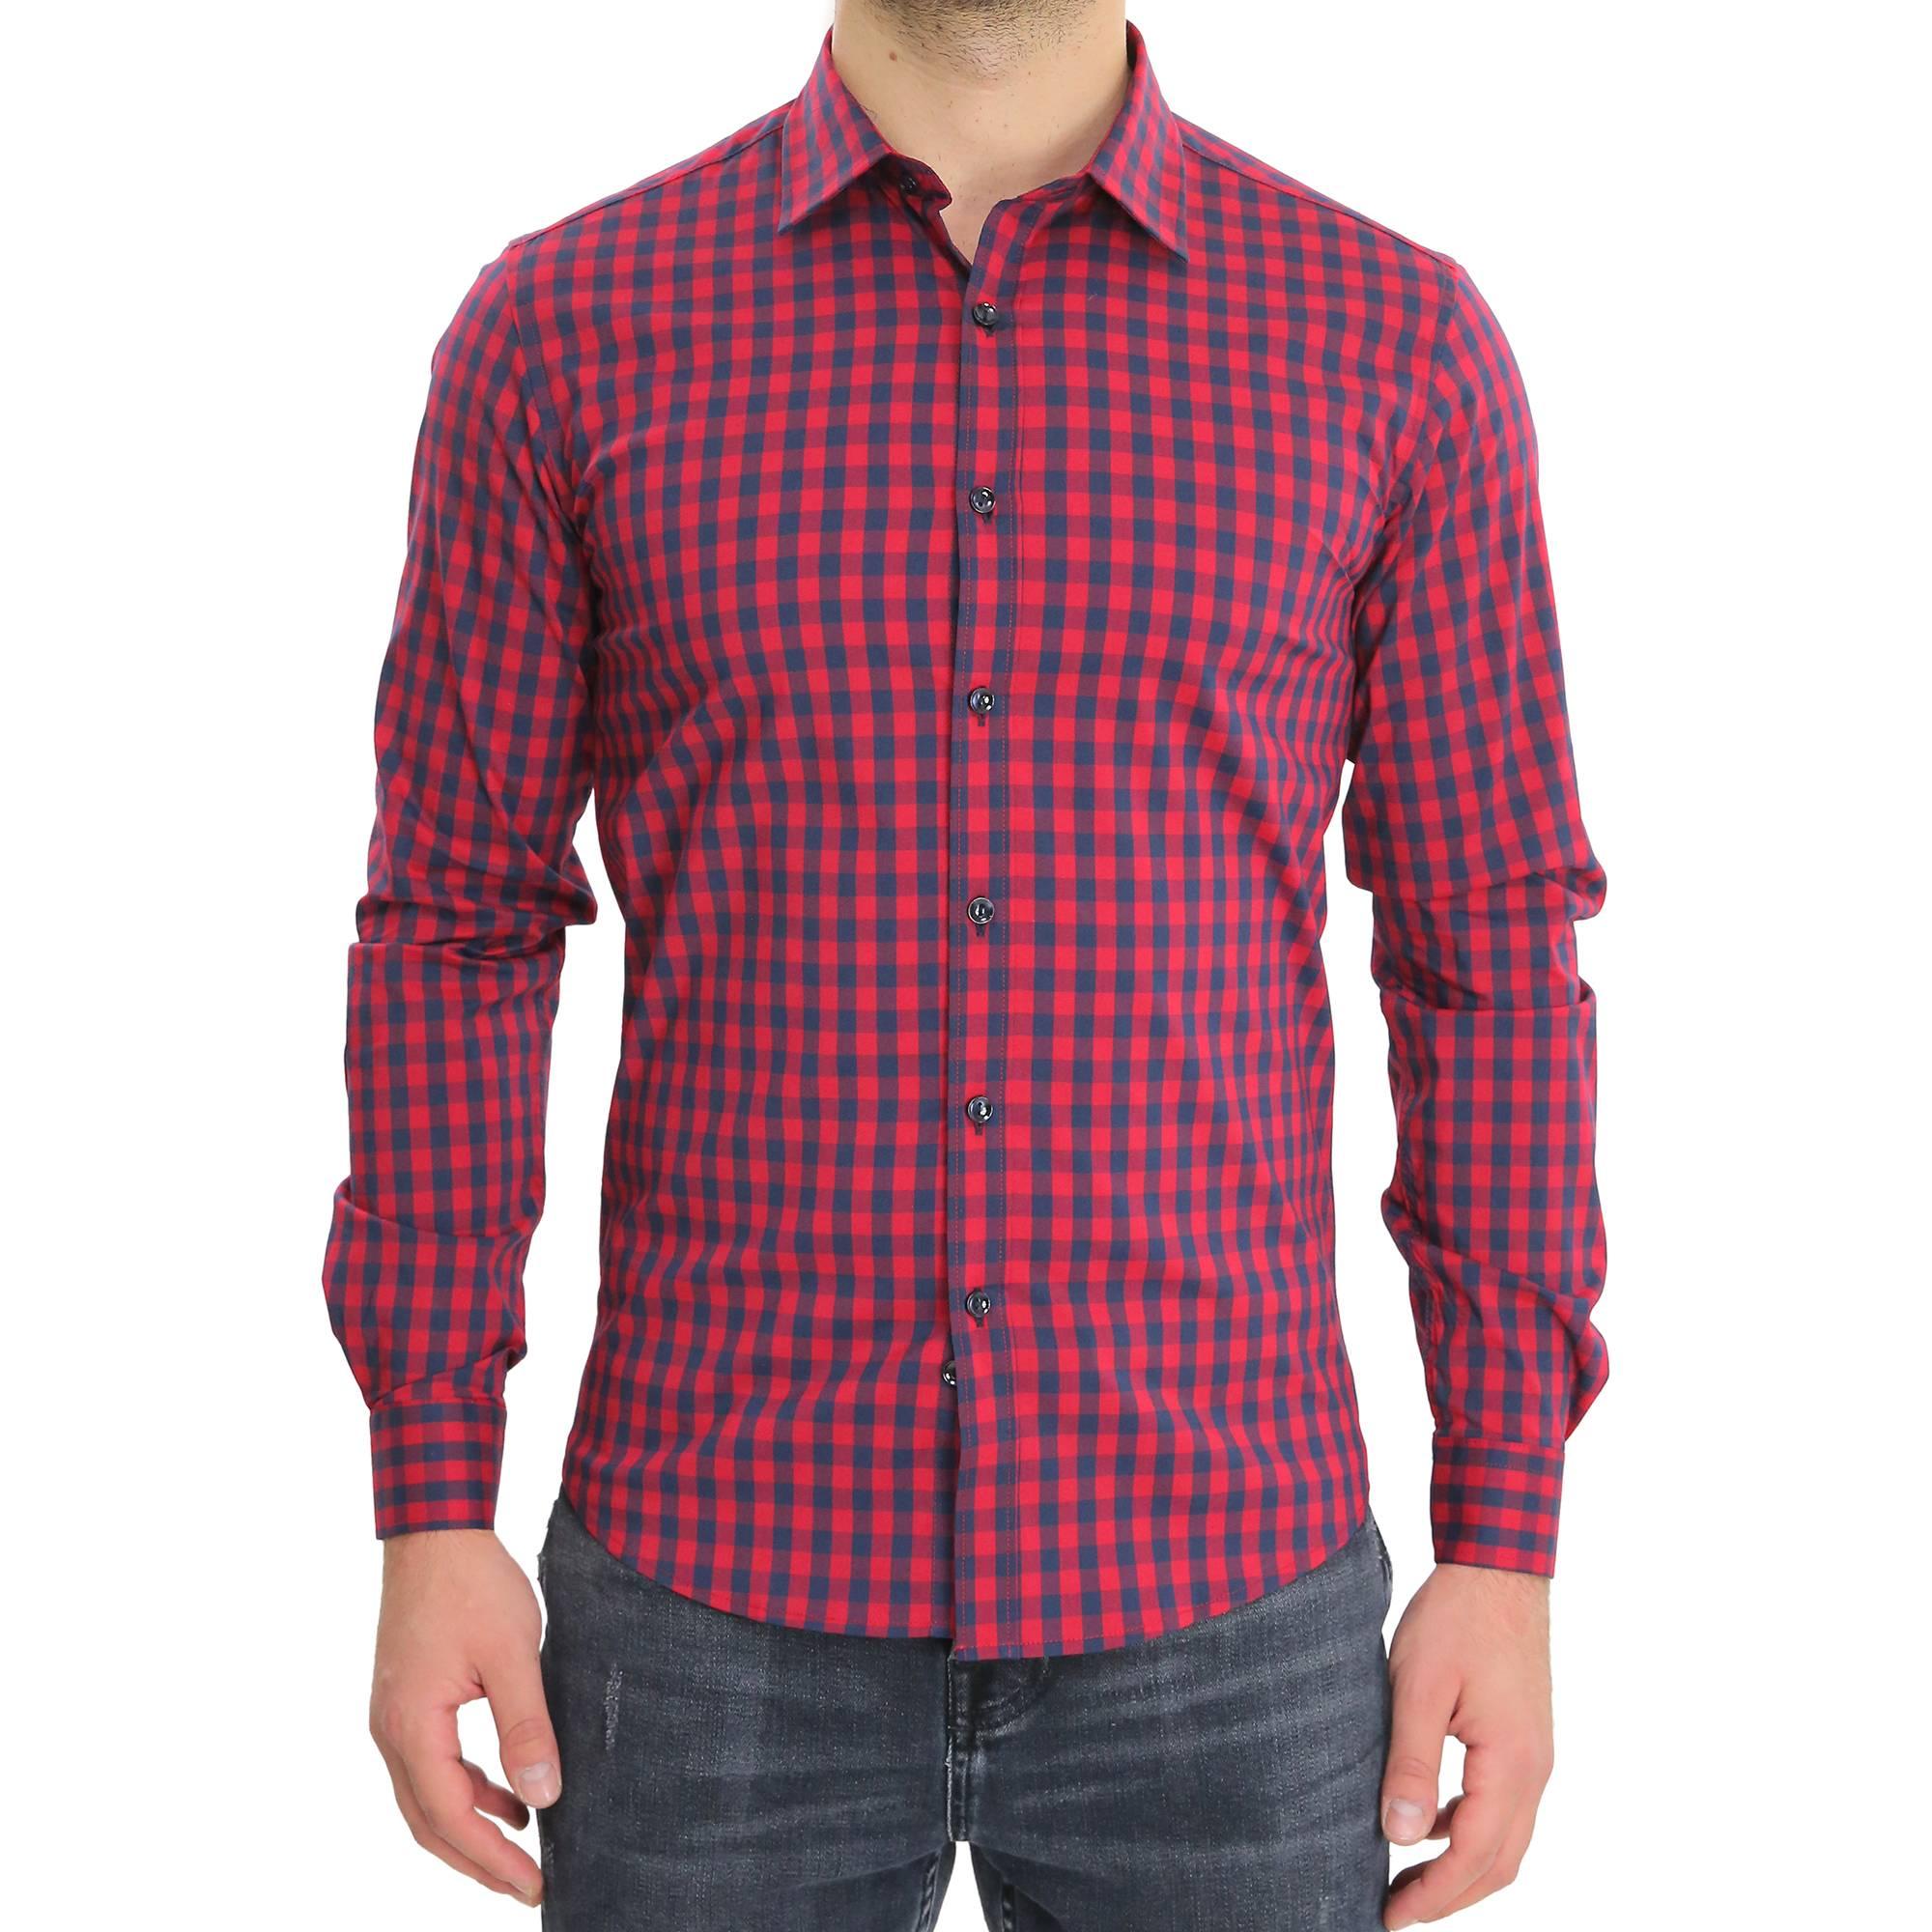 Camicia-Uomo-Cotone-Quadretti-Casual-Slim-Fit-Quadri-Scozzese-Manica-Lunga miniatura 6